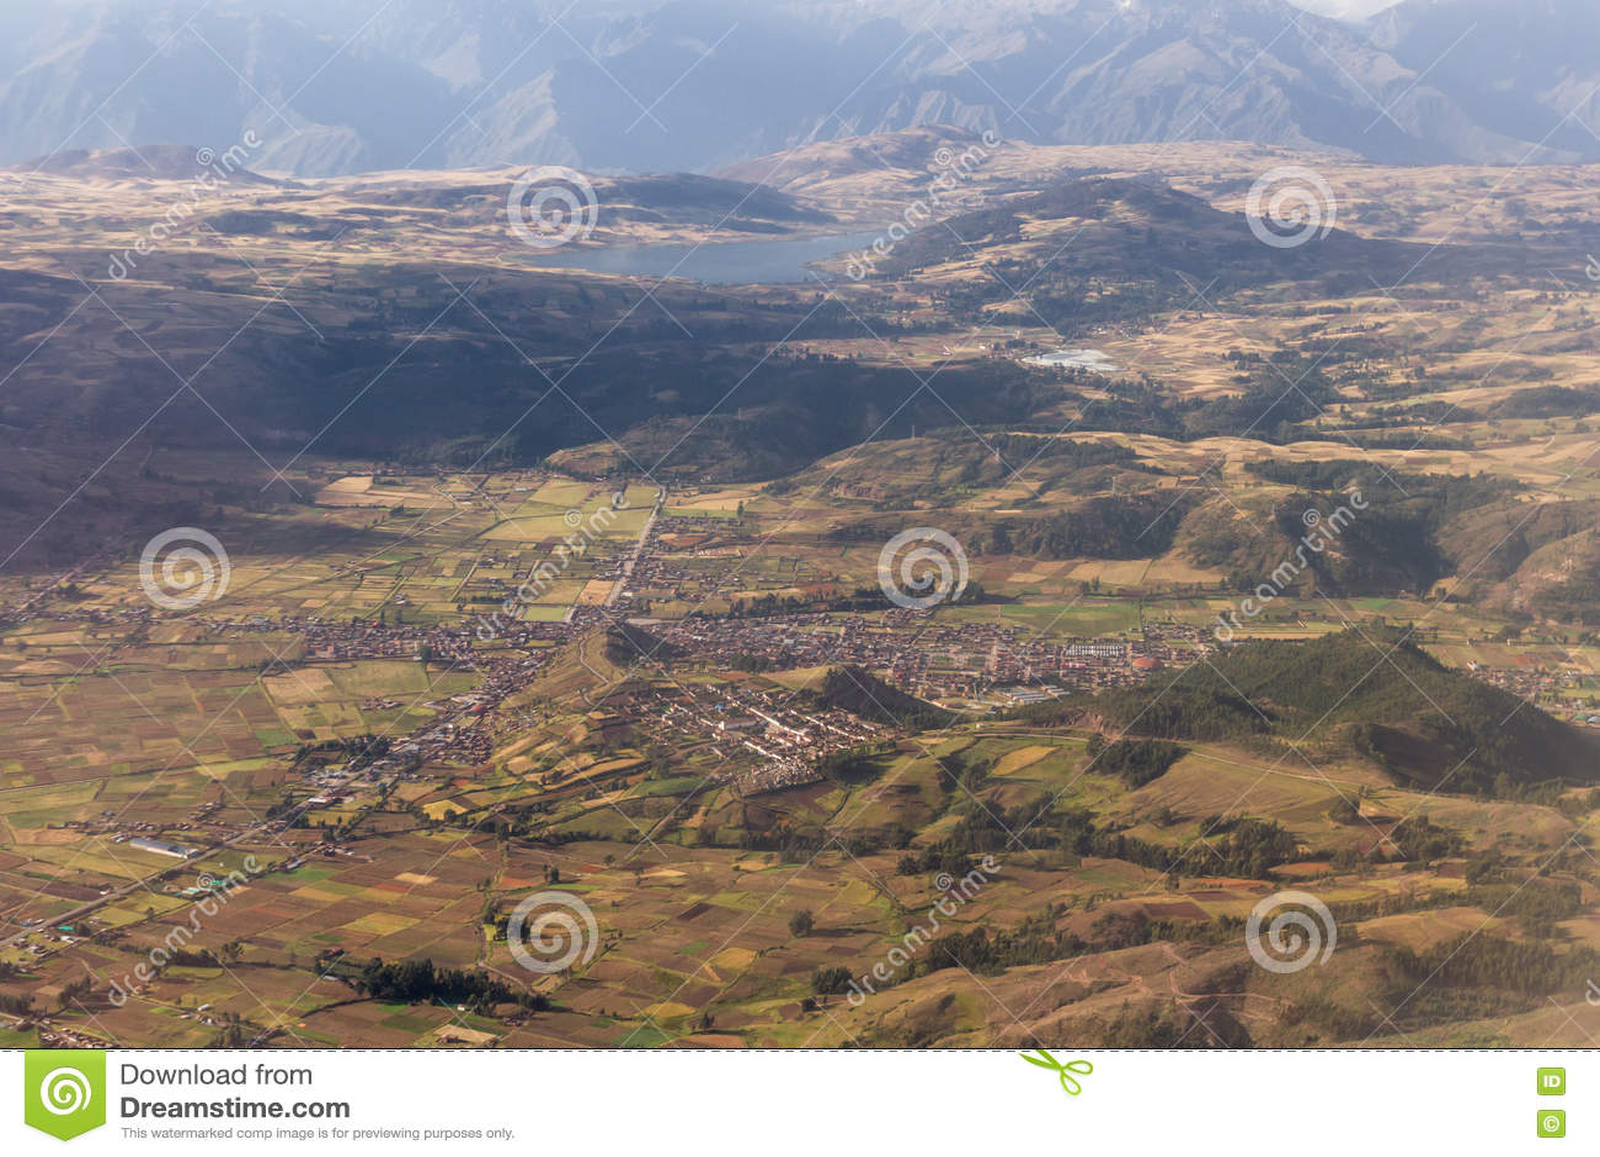 Royalty free stock photo aerial cuzco lima living mountain mountains peru